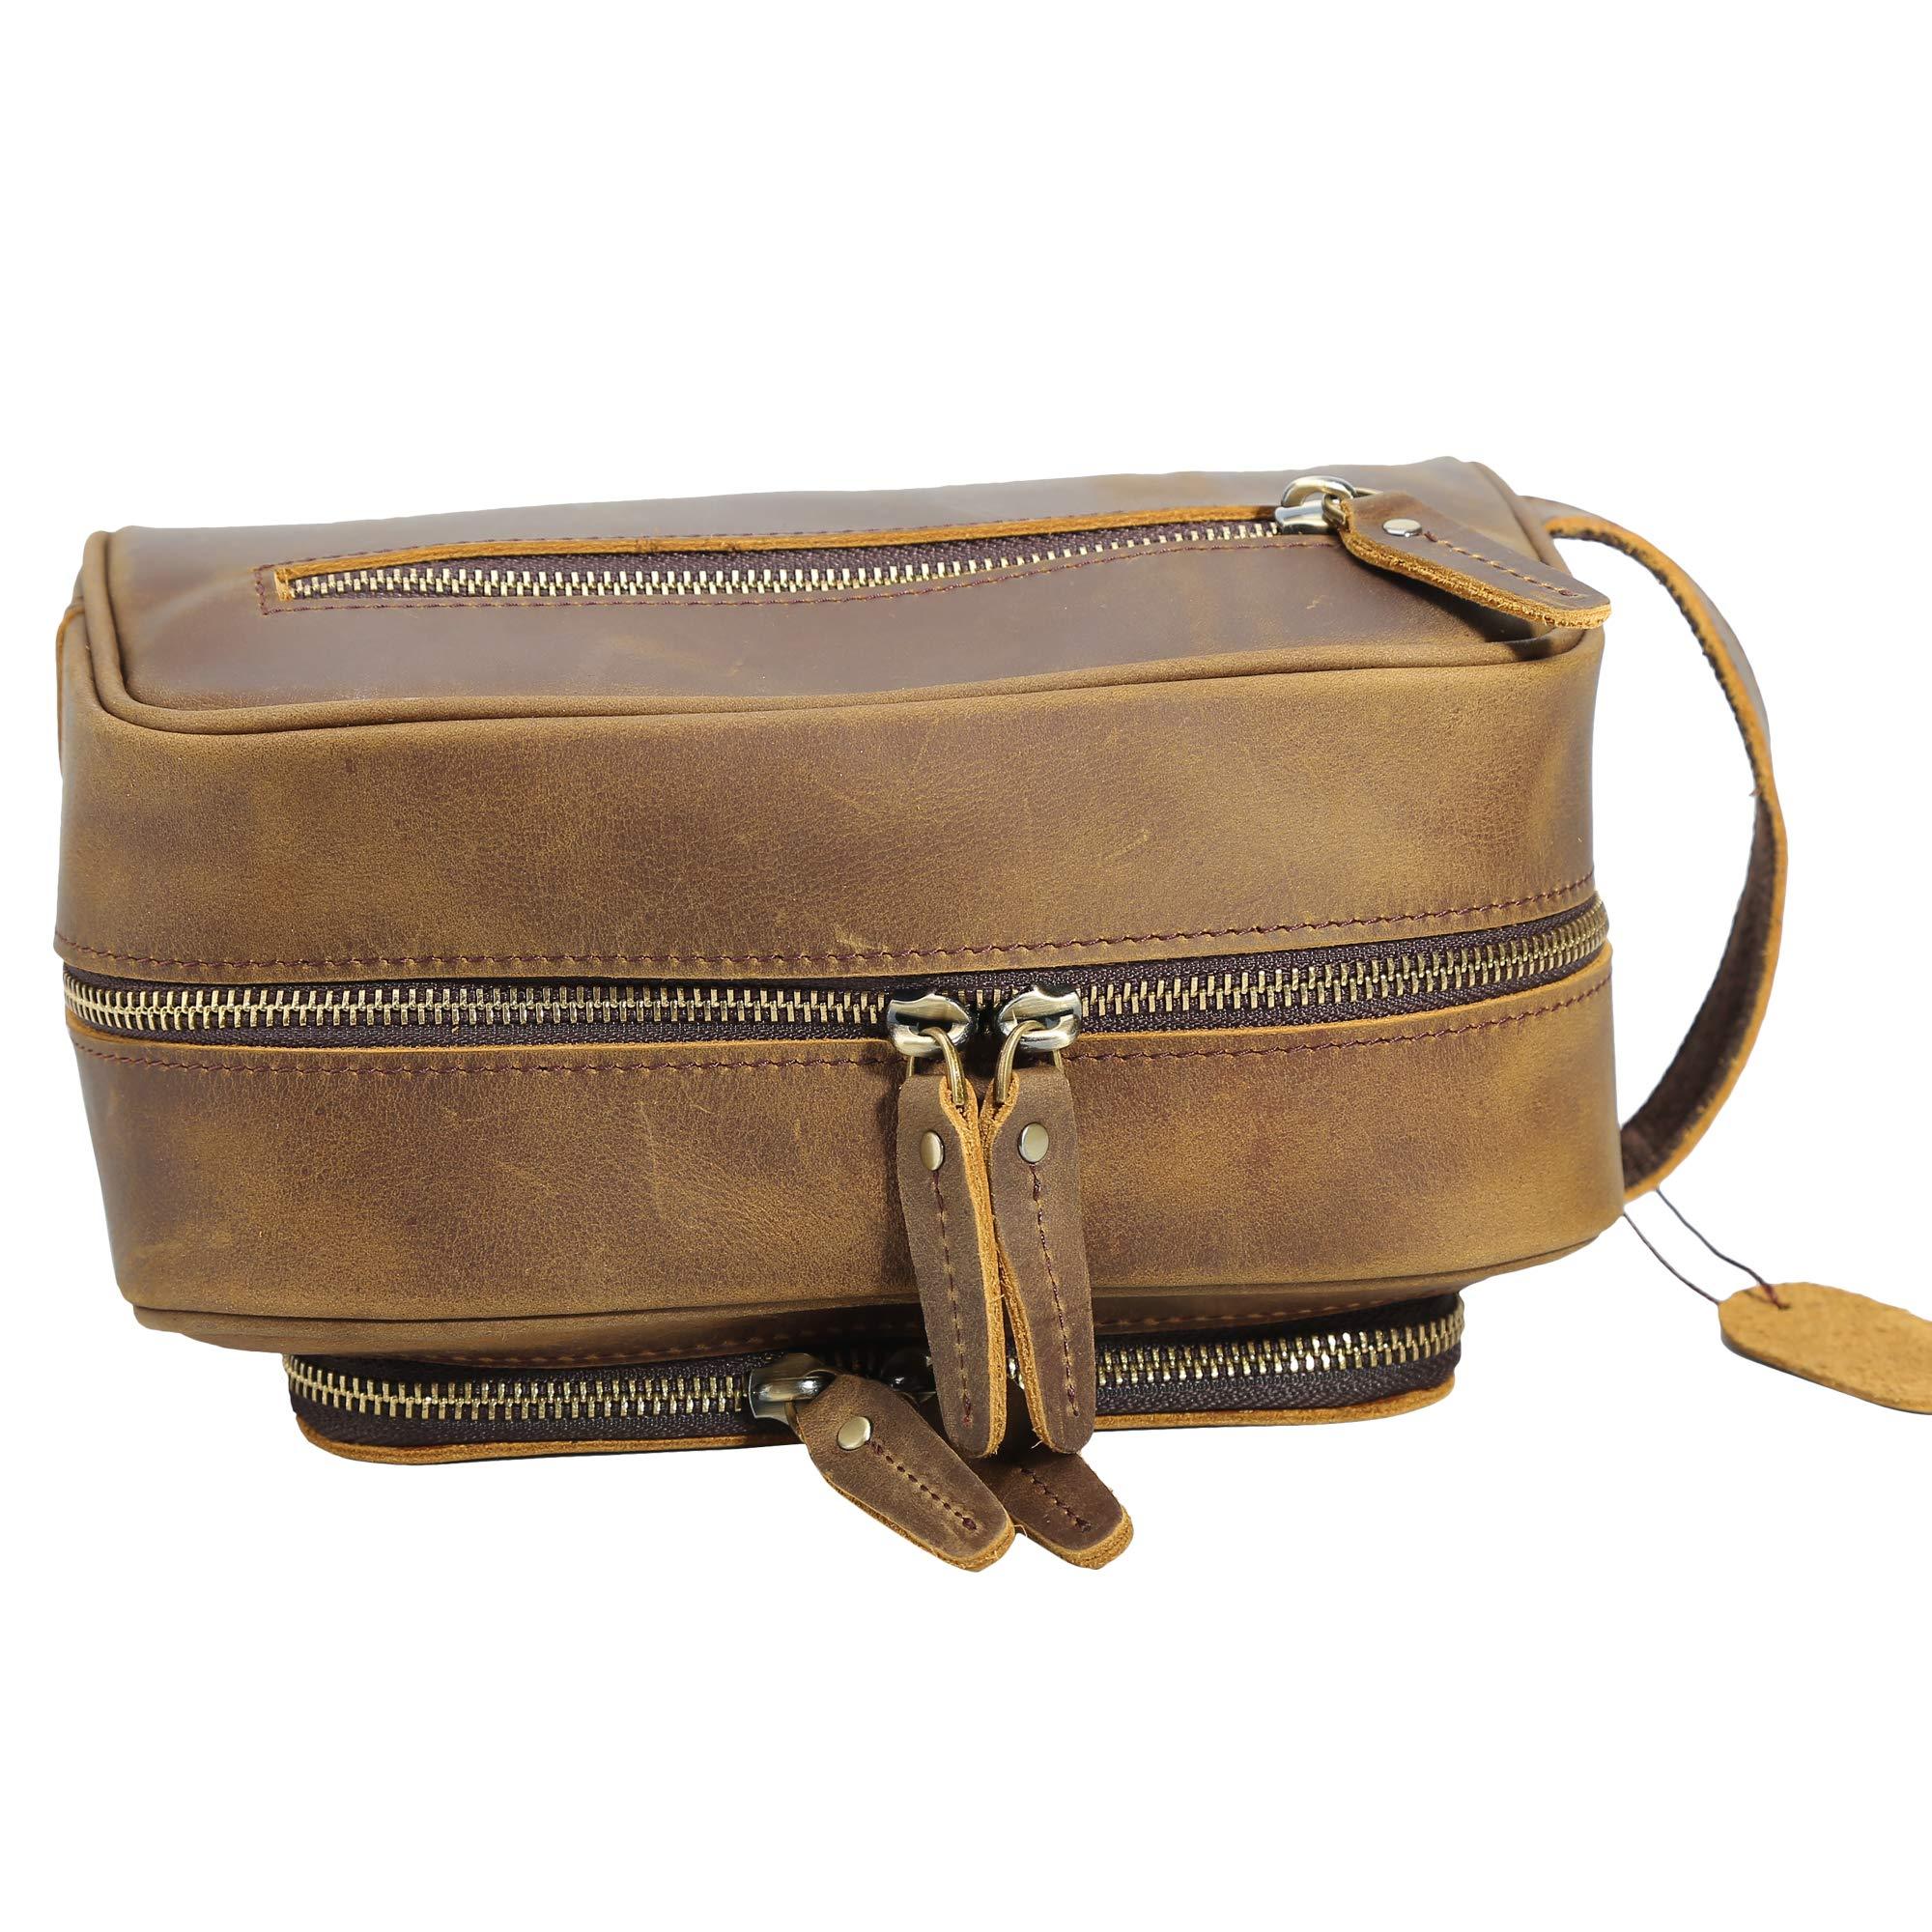 Polare Vintage Full Grain Leather Handmade Travel Toiletry Bag for Men - Dopp Kit - Shaving Kit by POLARE ORIGINAL (Image #8)